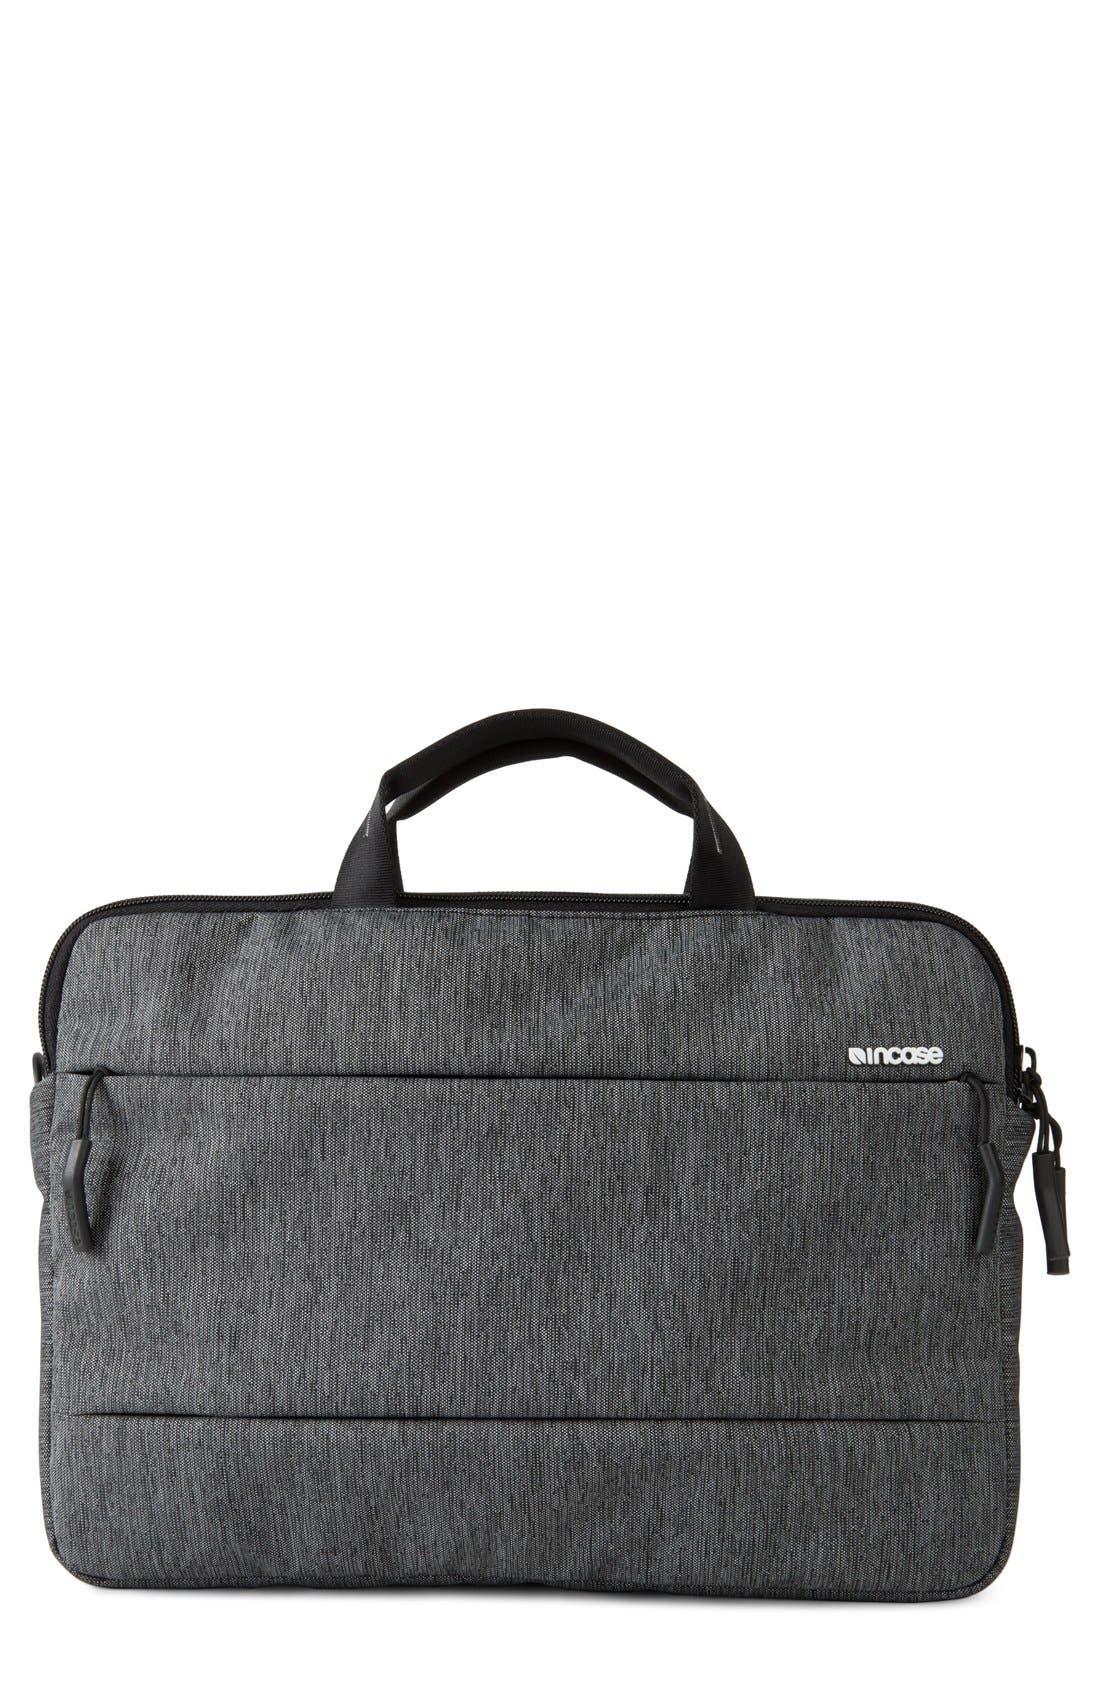 City Collection 13-Inch Briefcase,                         Main,                         color, HEATHER BLACK/ GUNMETAL GREY